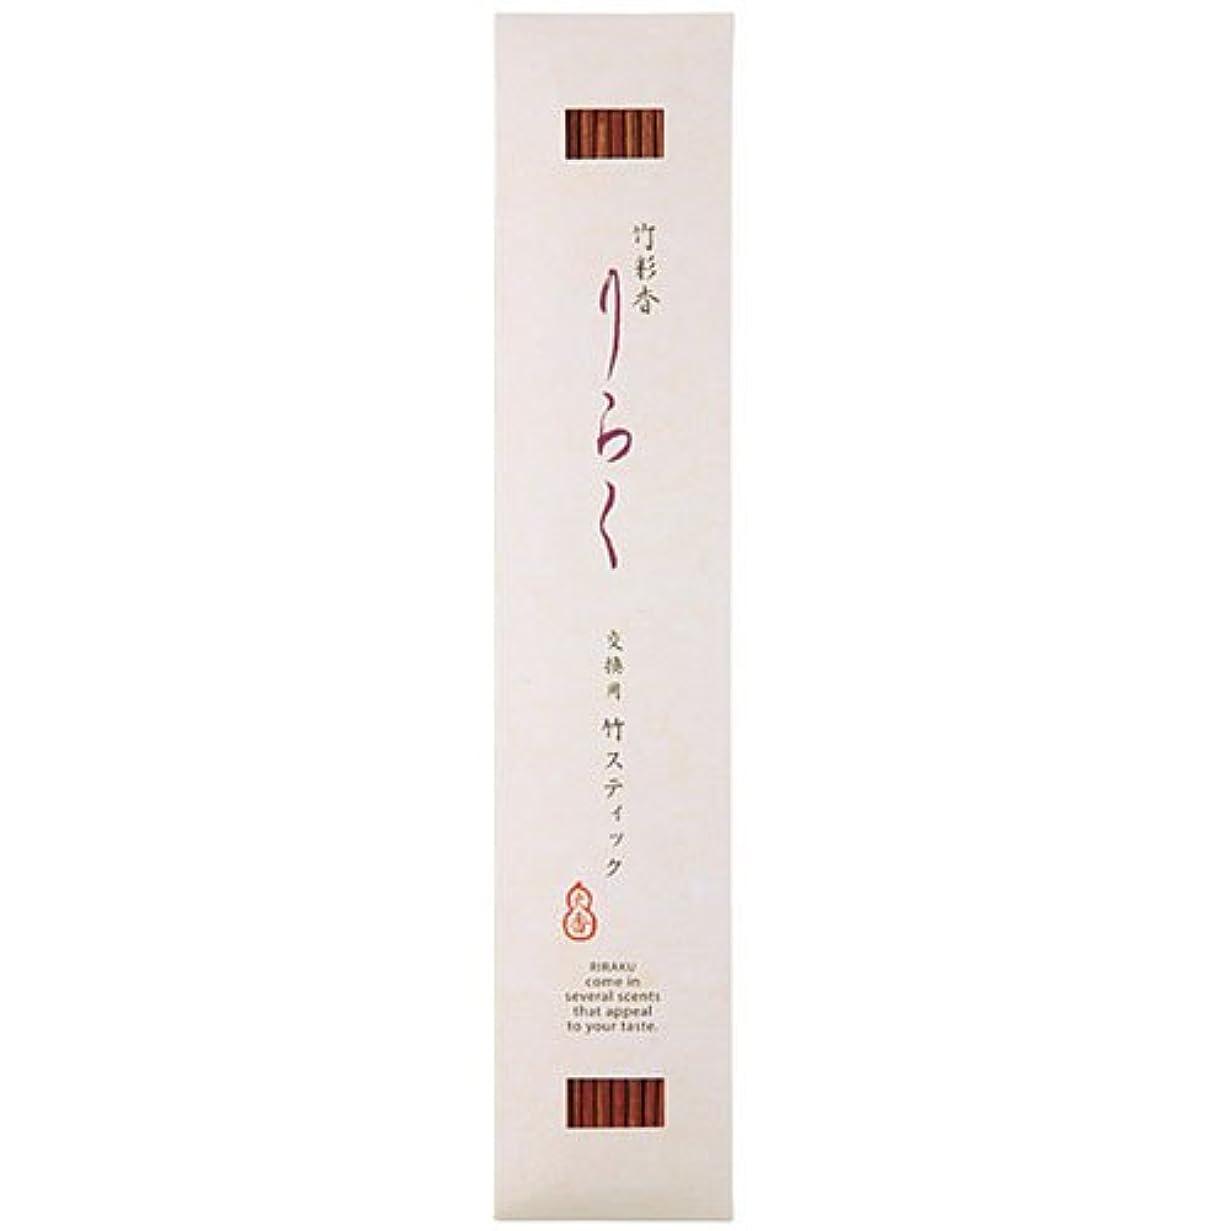 モッキンバードサービス報いる竹彩香りらく 交換用竹スティックきんもくせいの色 10本